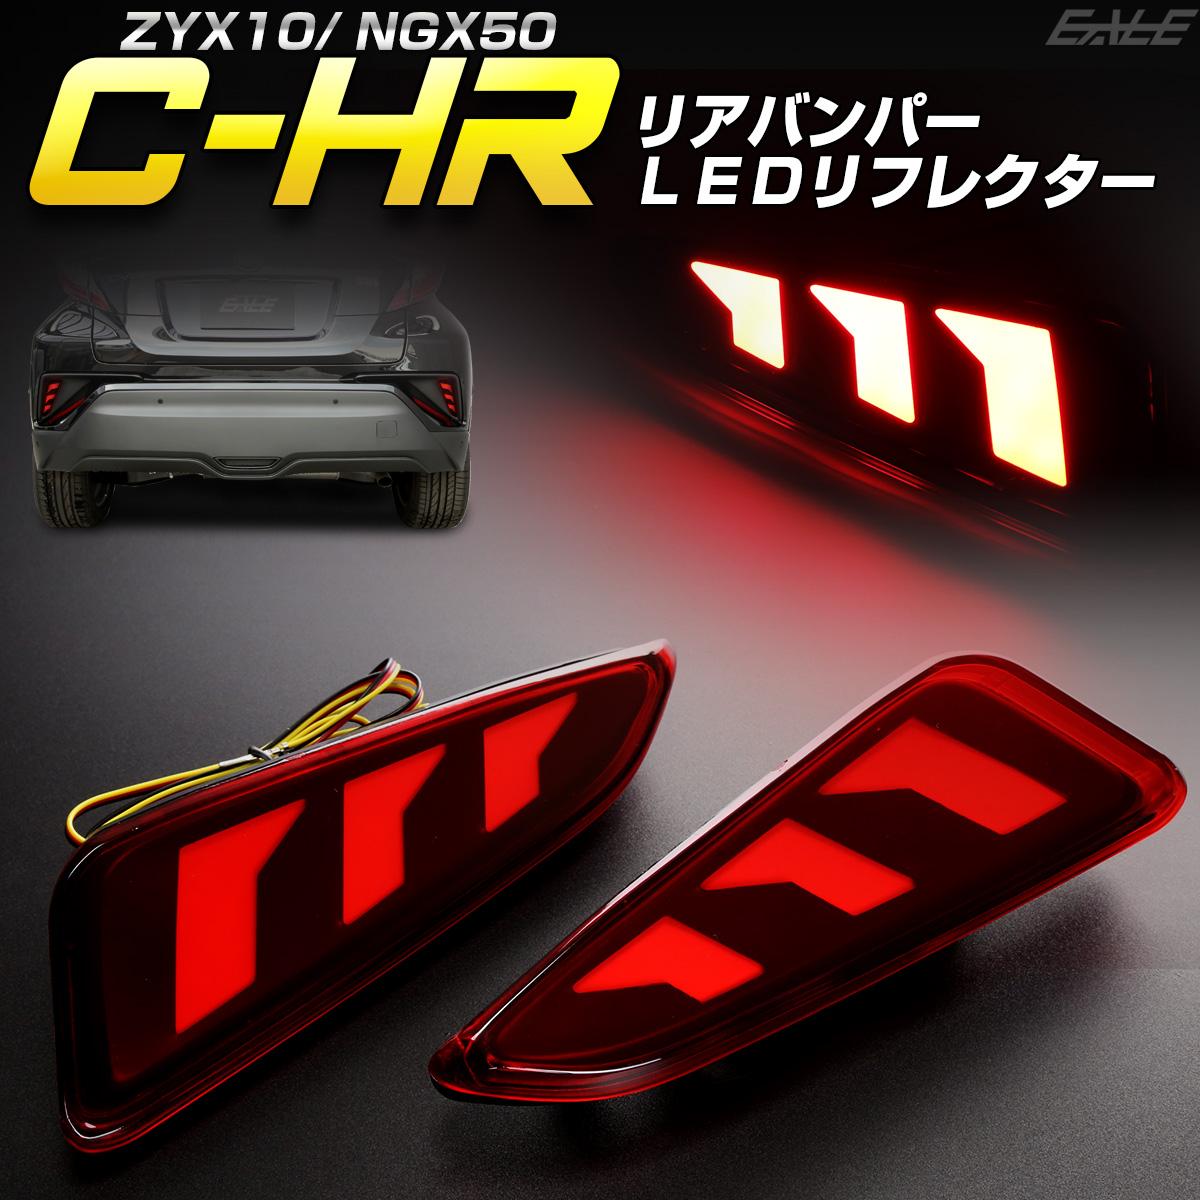 トヨタ C-HR 専用 LED リア リフレクター ZYX10 NGX50 テールランプ ブレーキランプ連動可能 面発光モデル P-389